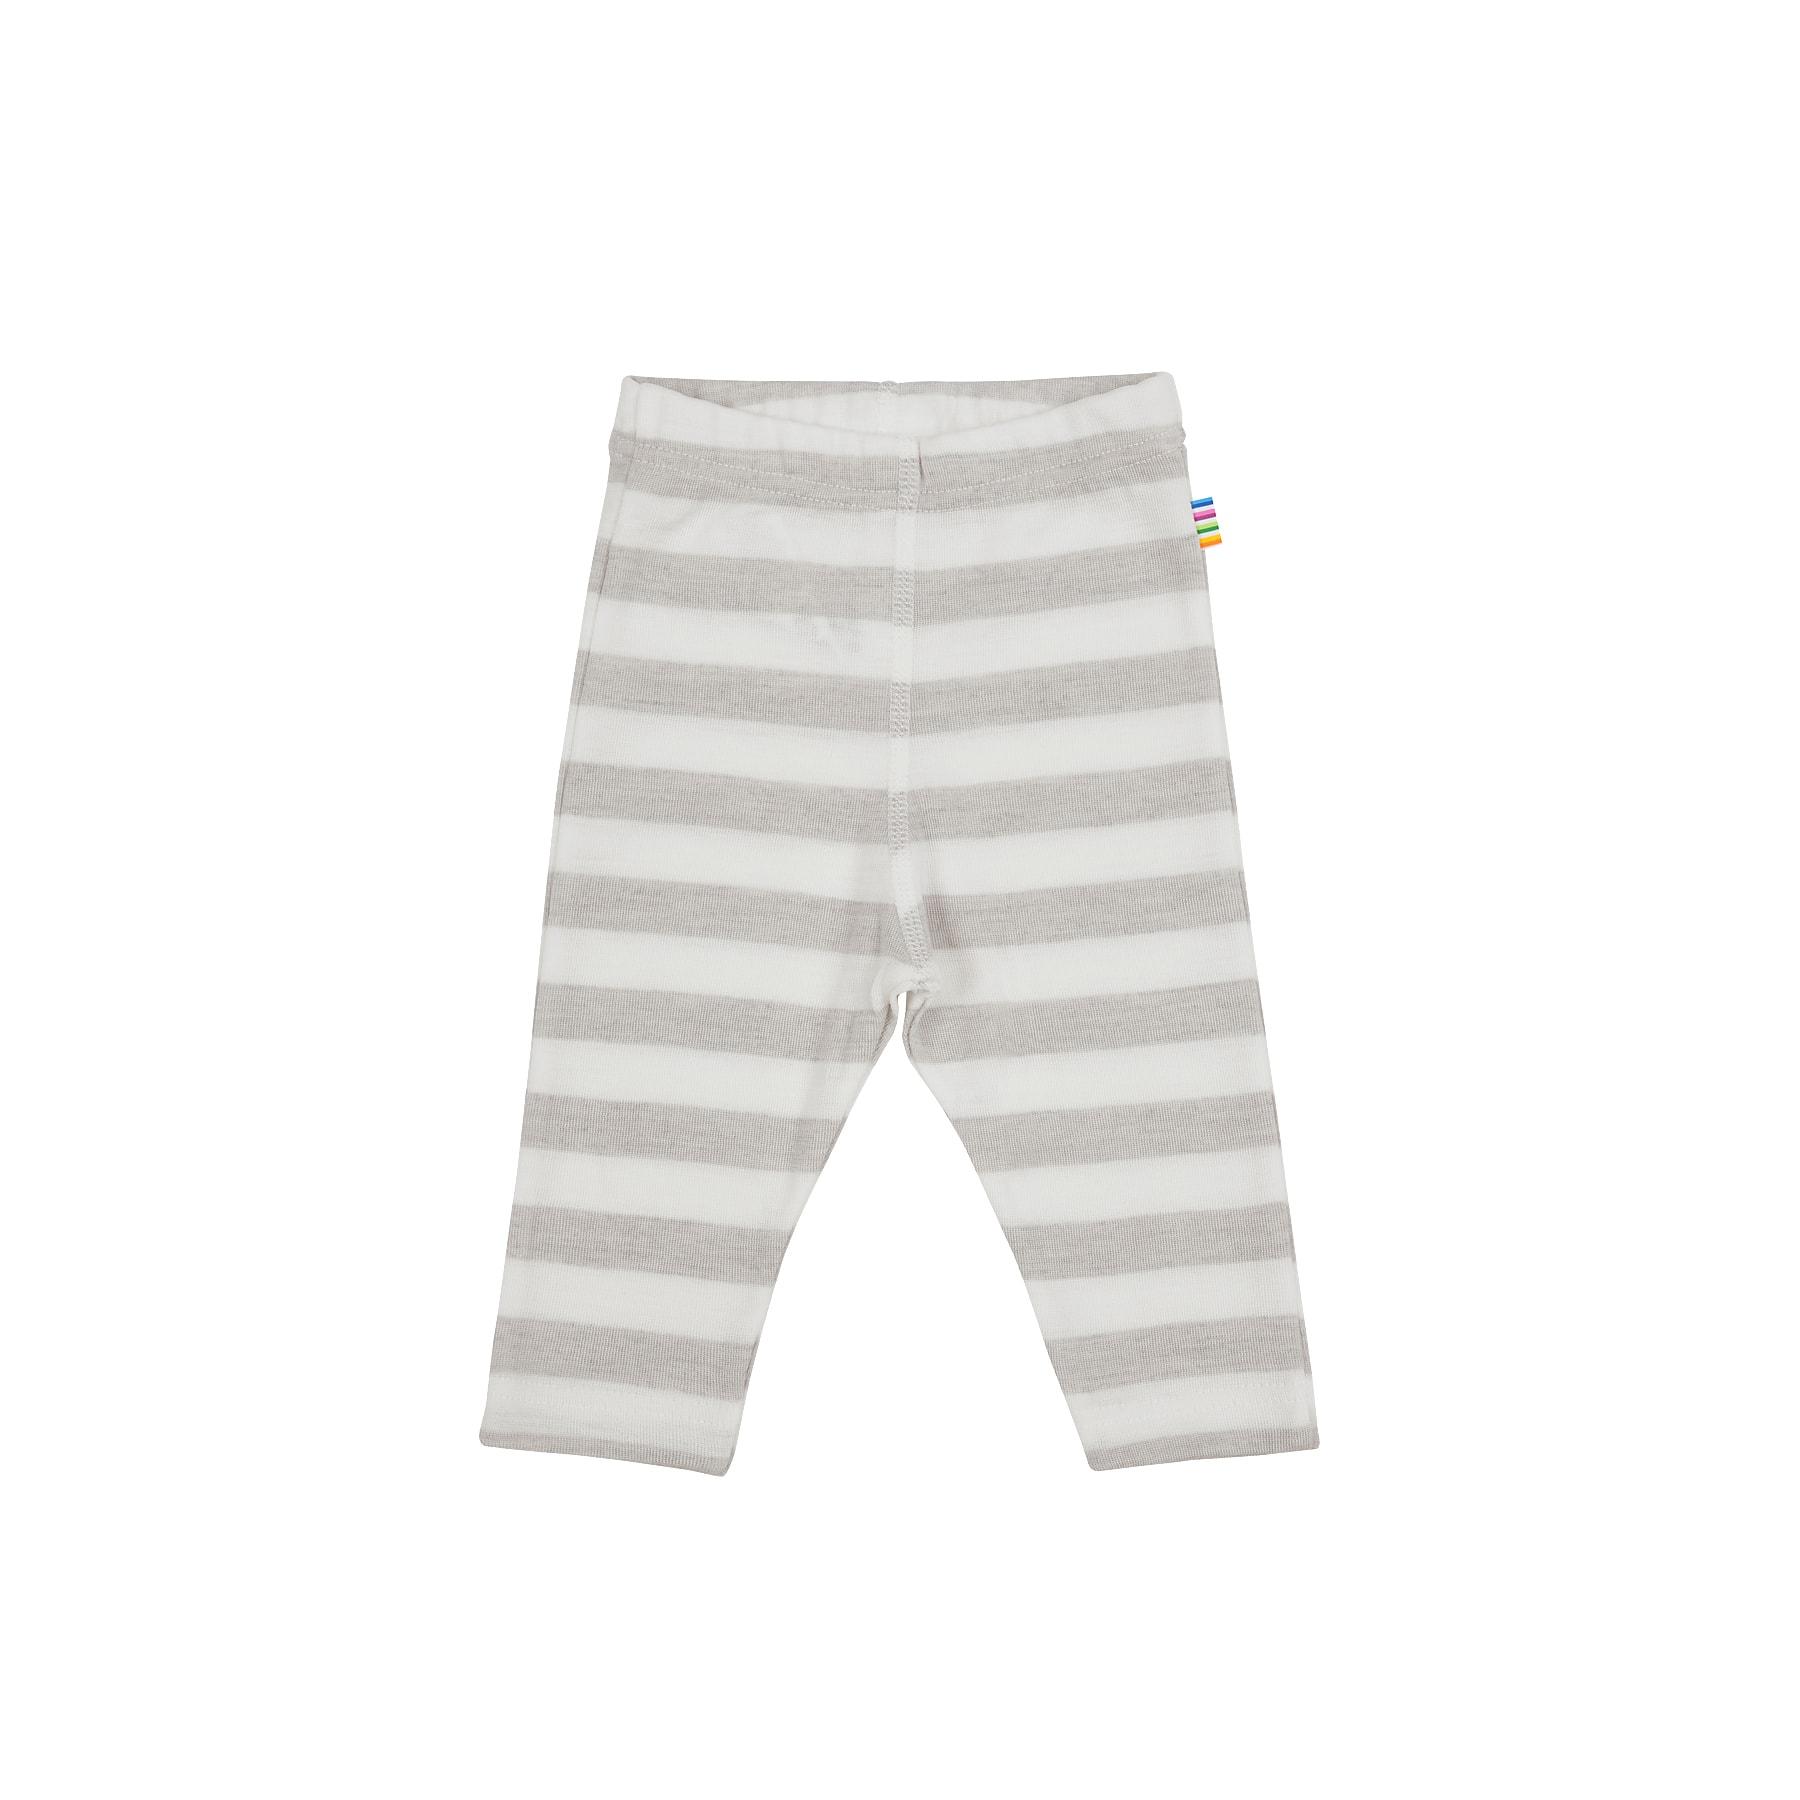 8f2bfb30bc5 Joha leggings til barn - Uld silke - Stribet lysegrå og hvide